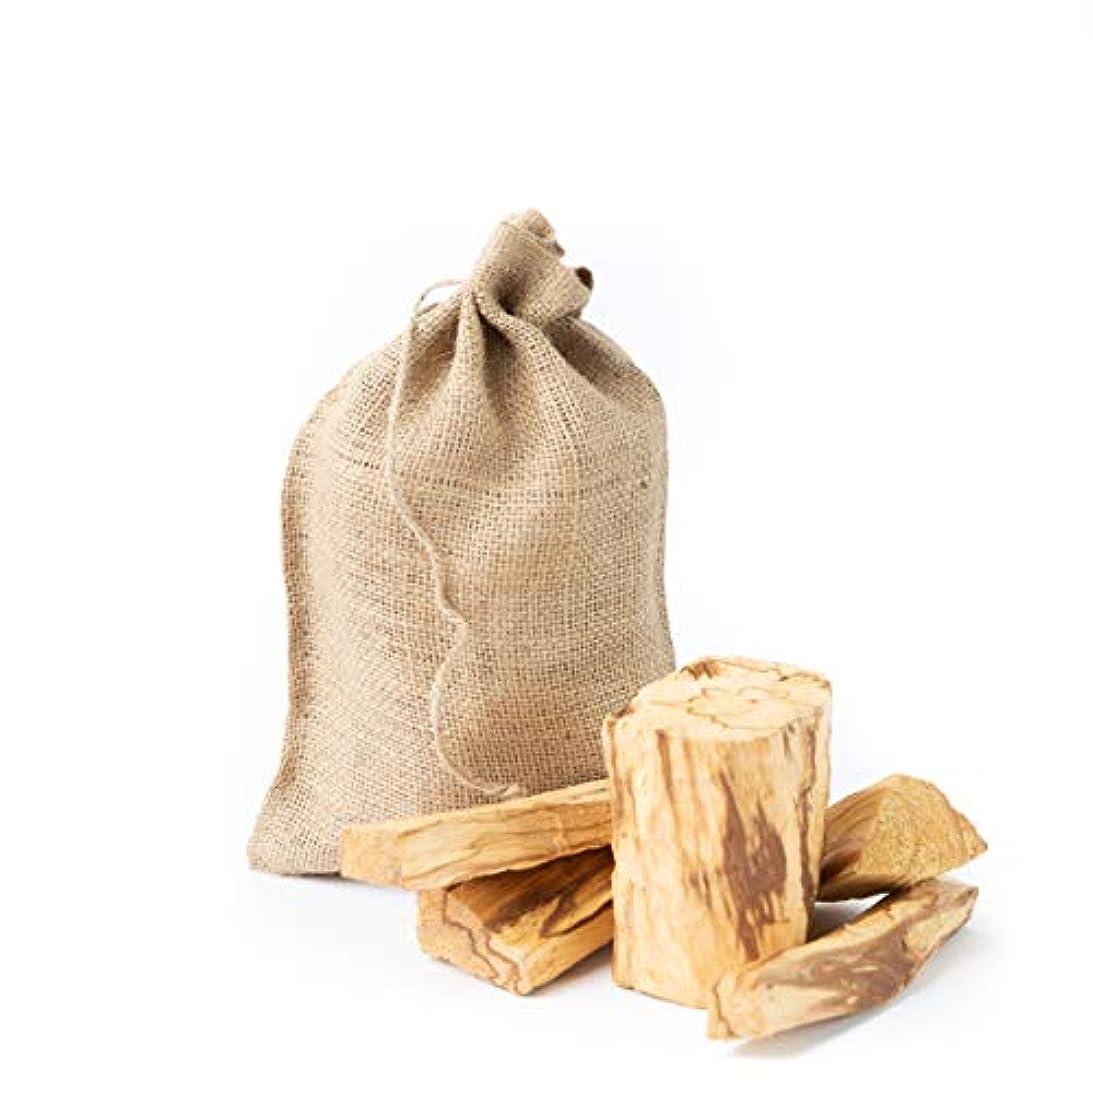 技術倍増イヤホンPalo SantoからPerú Smudging Sticks大きなチャンク、高樹脂1ポンドバッグ。